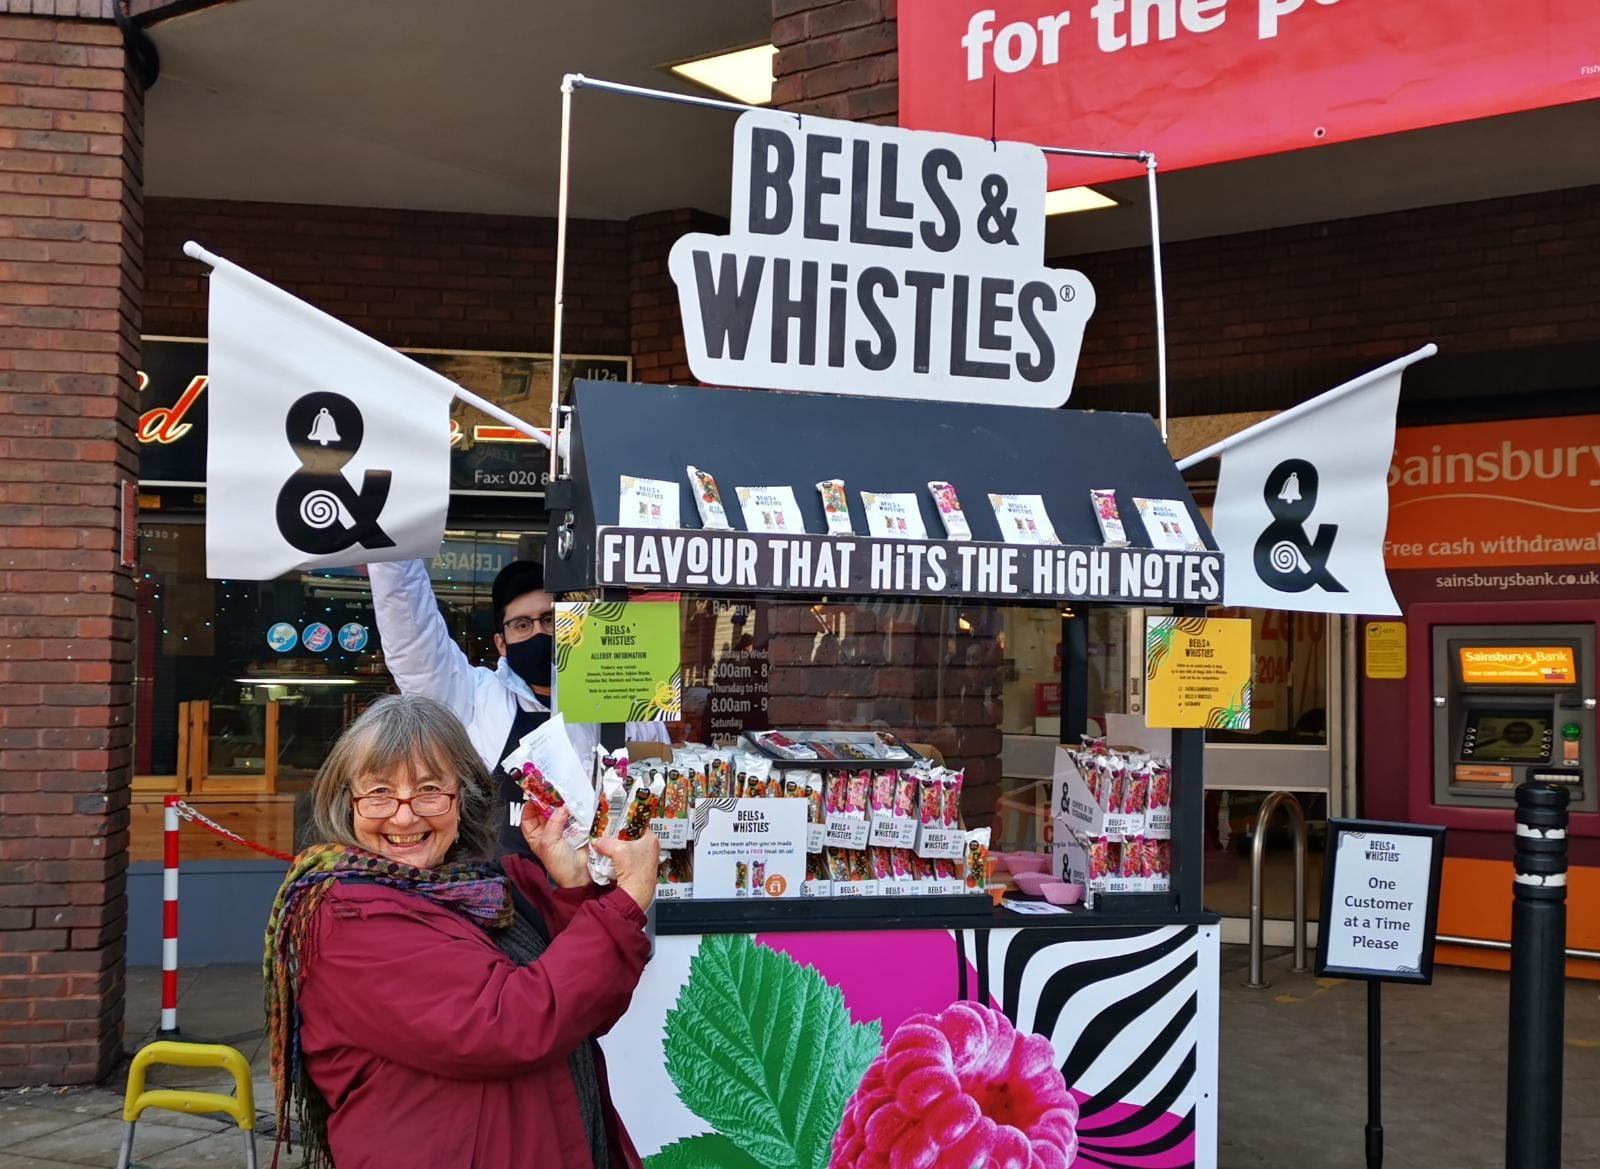 Bells & Whistles - Safe Street Sampling at Sainsburys